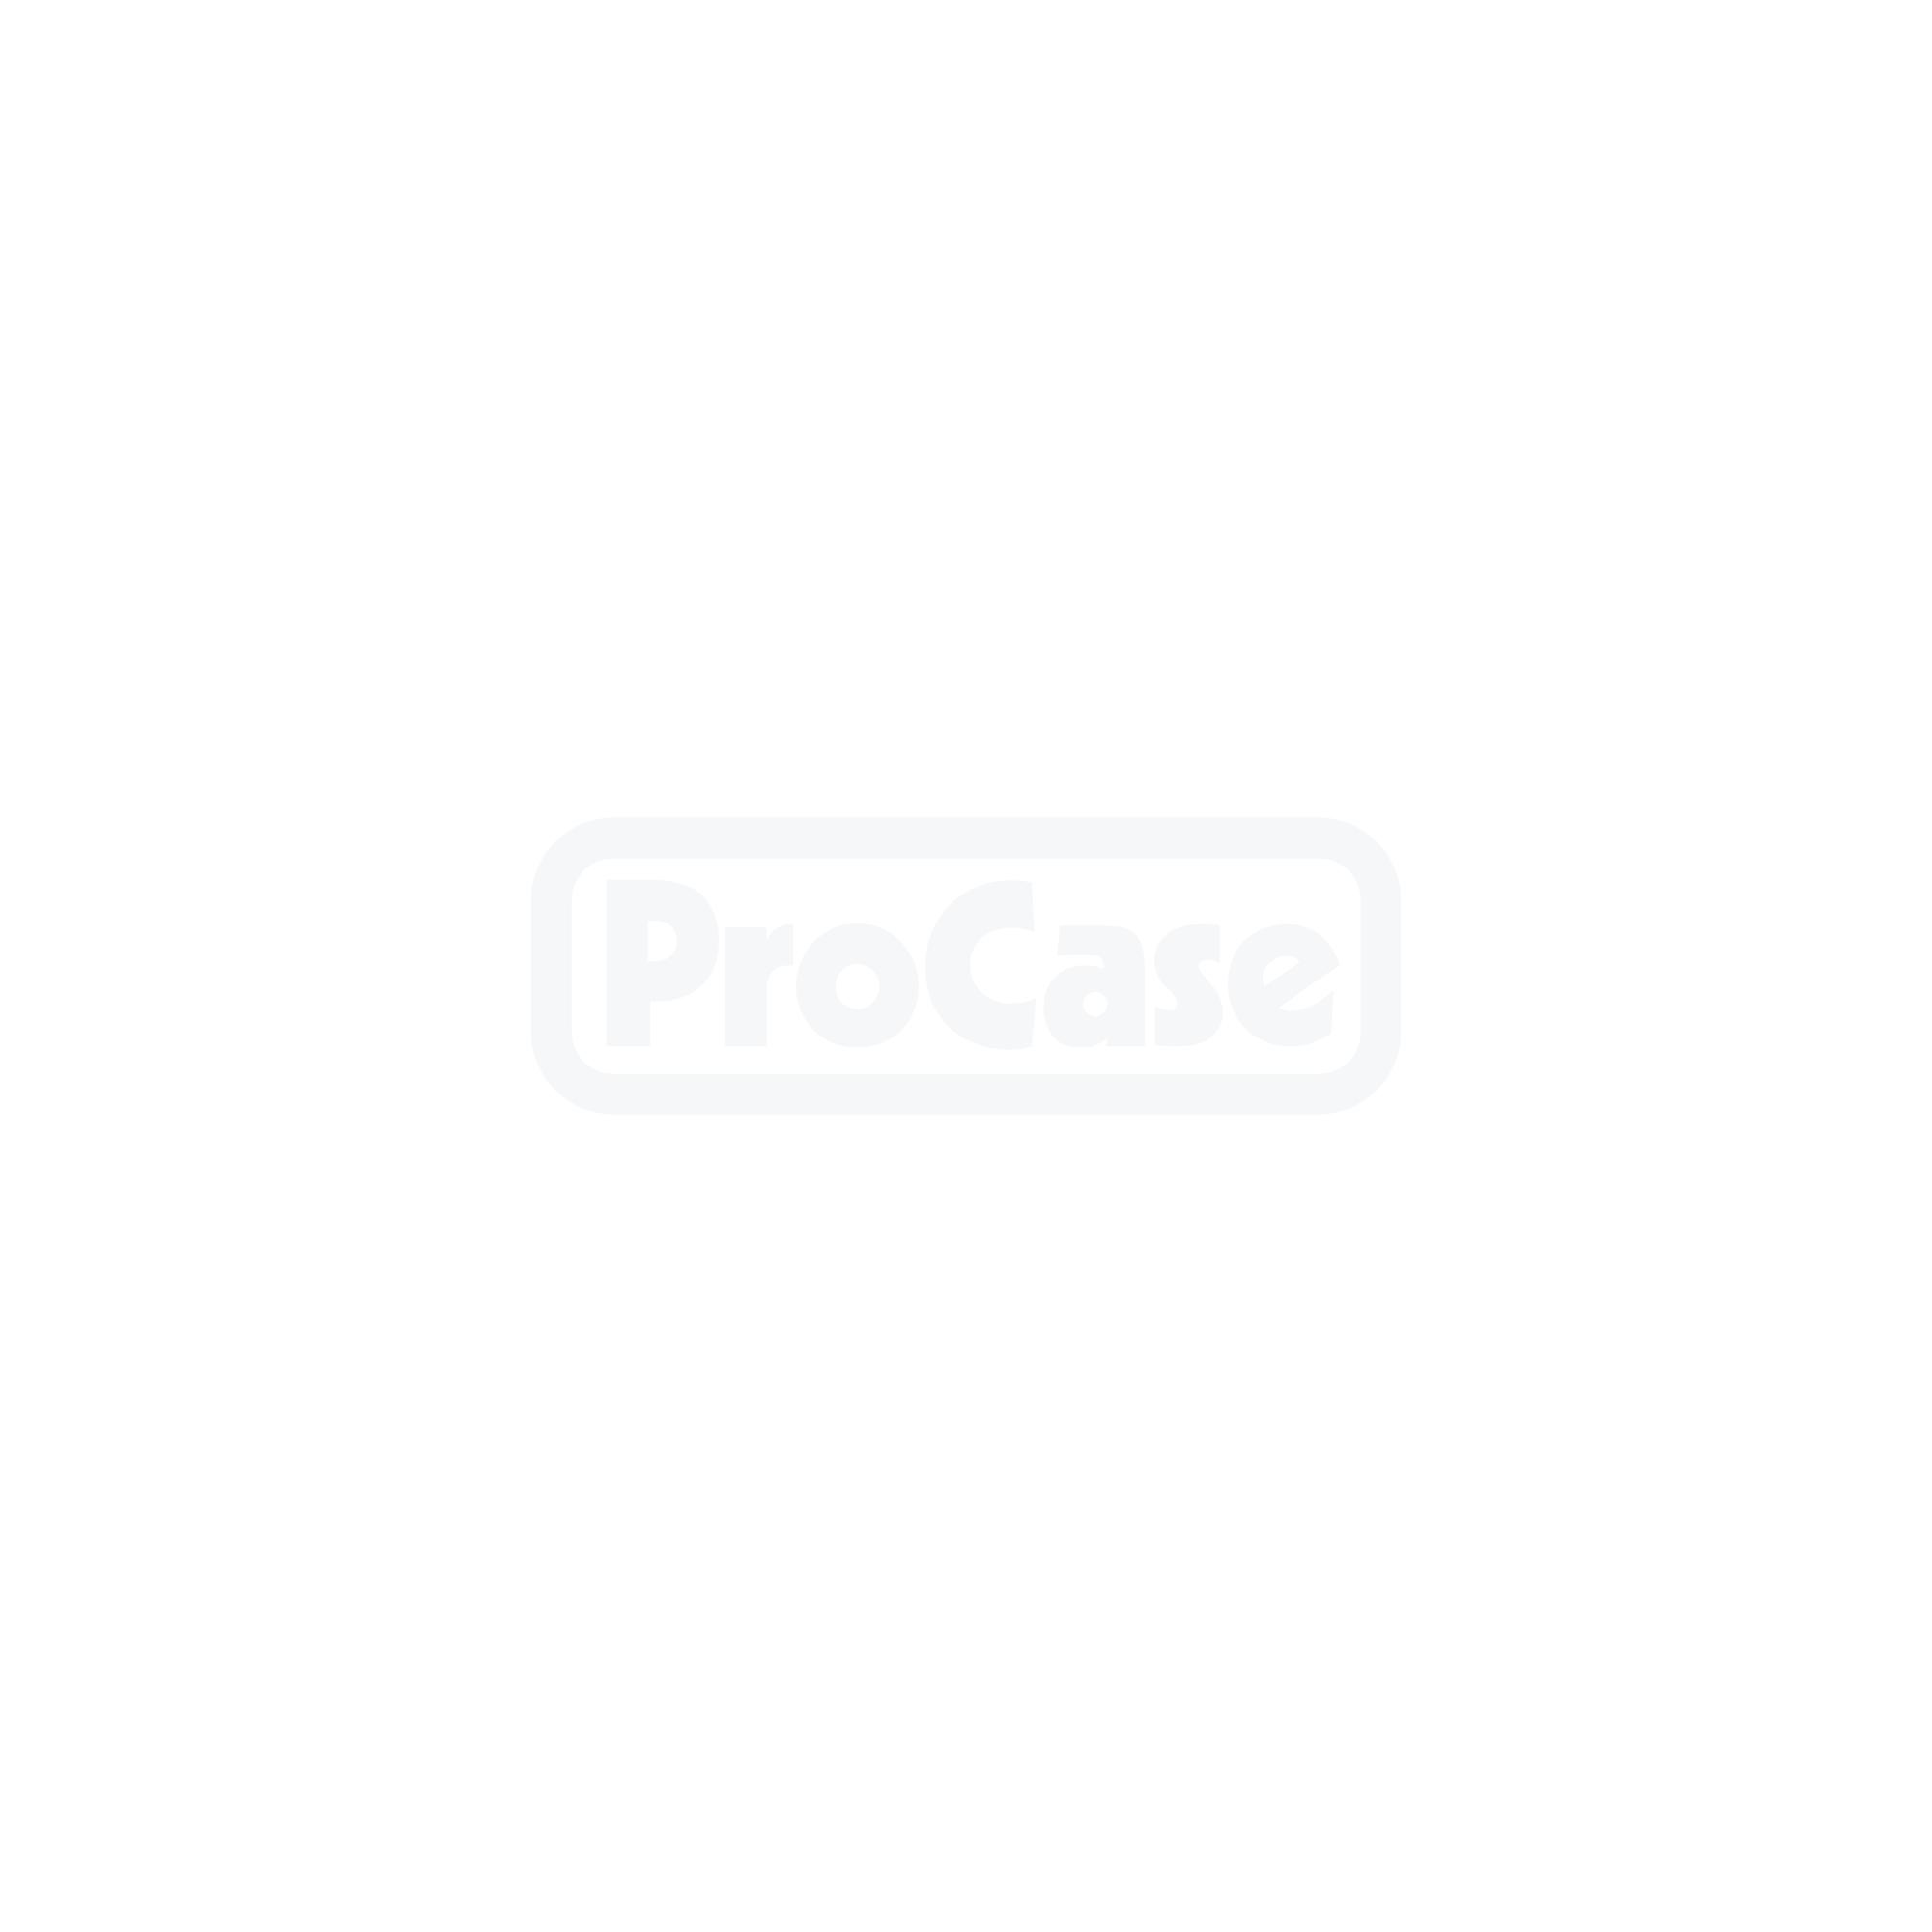 Doppel Screen-Lift Case 3